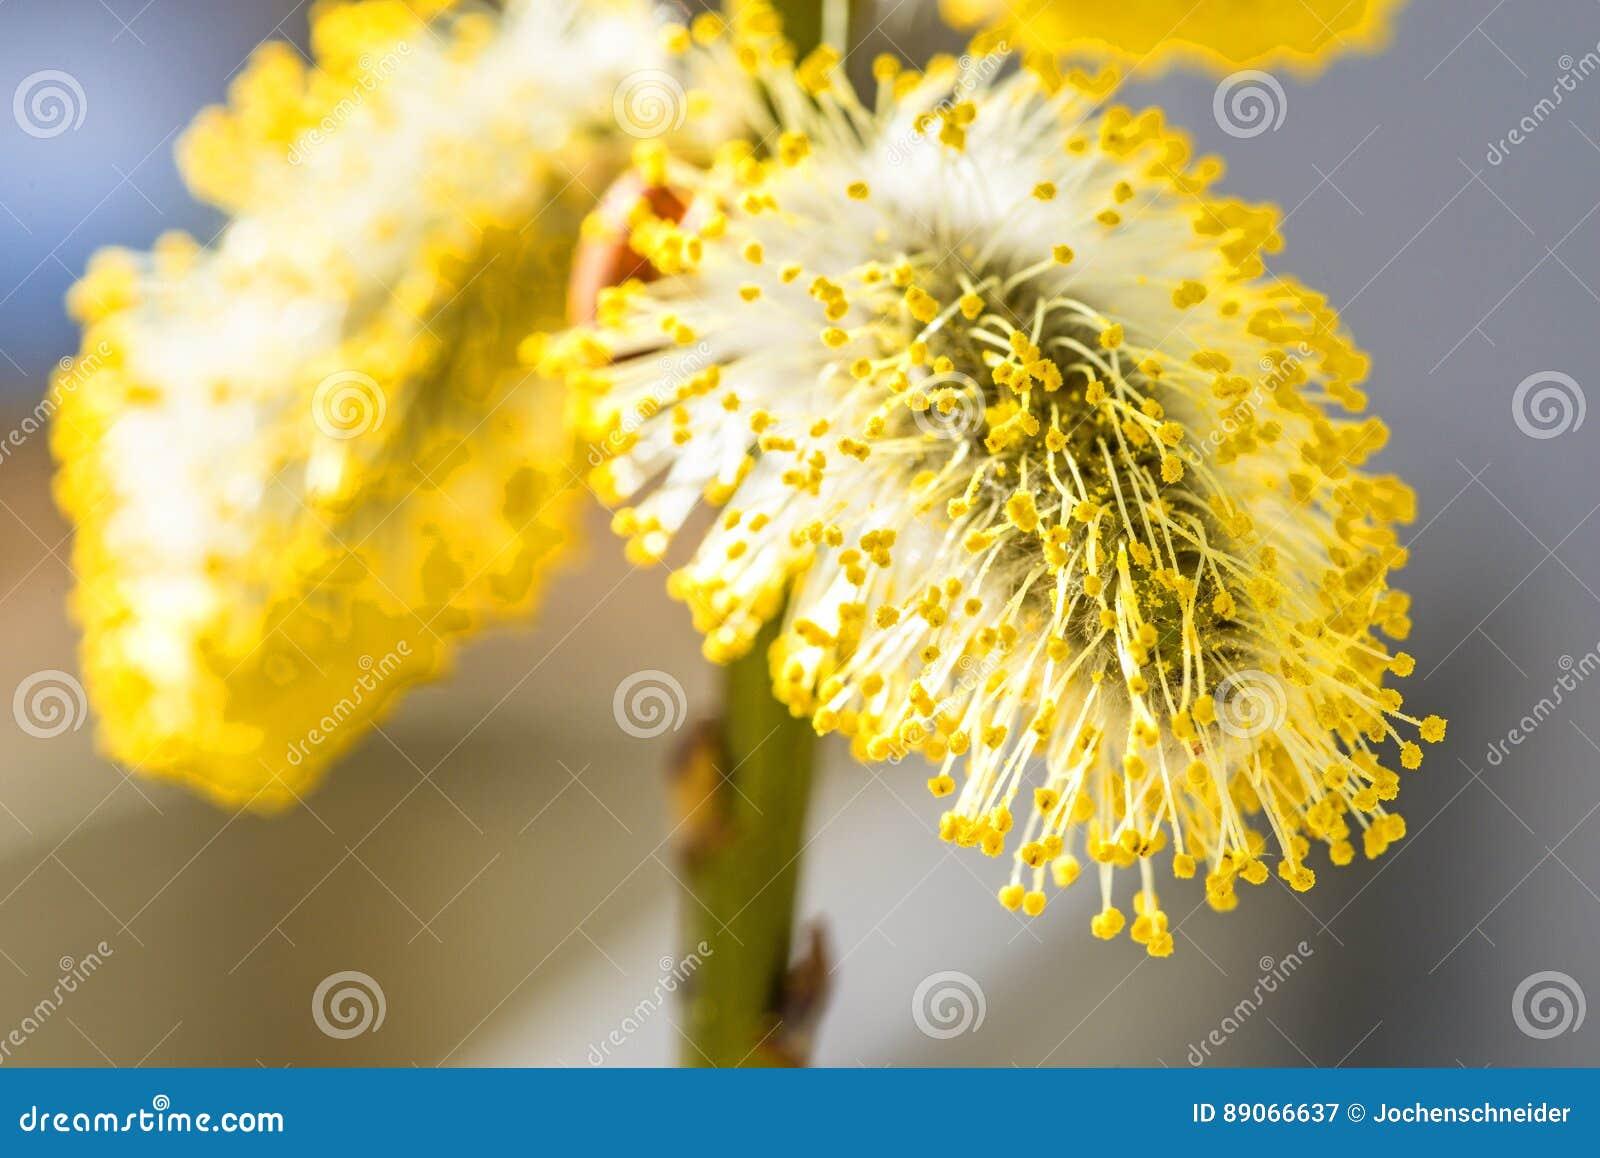 Fleur de saule dans un plan rapproché